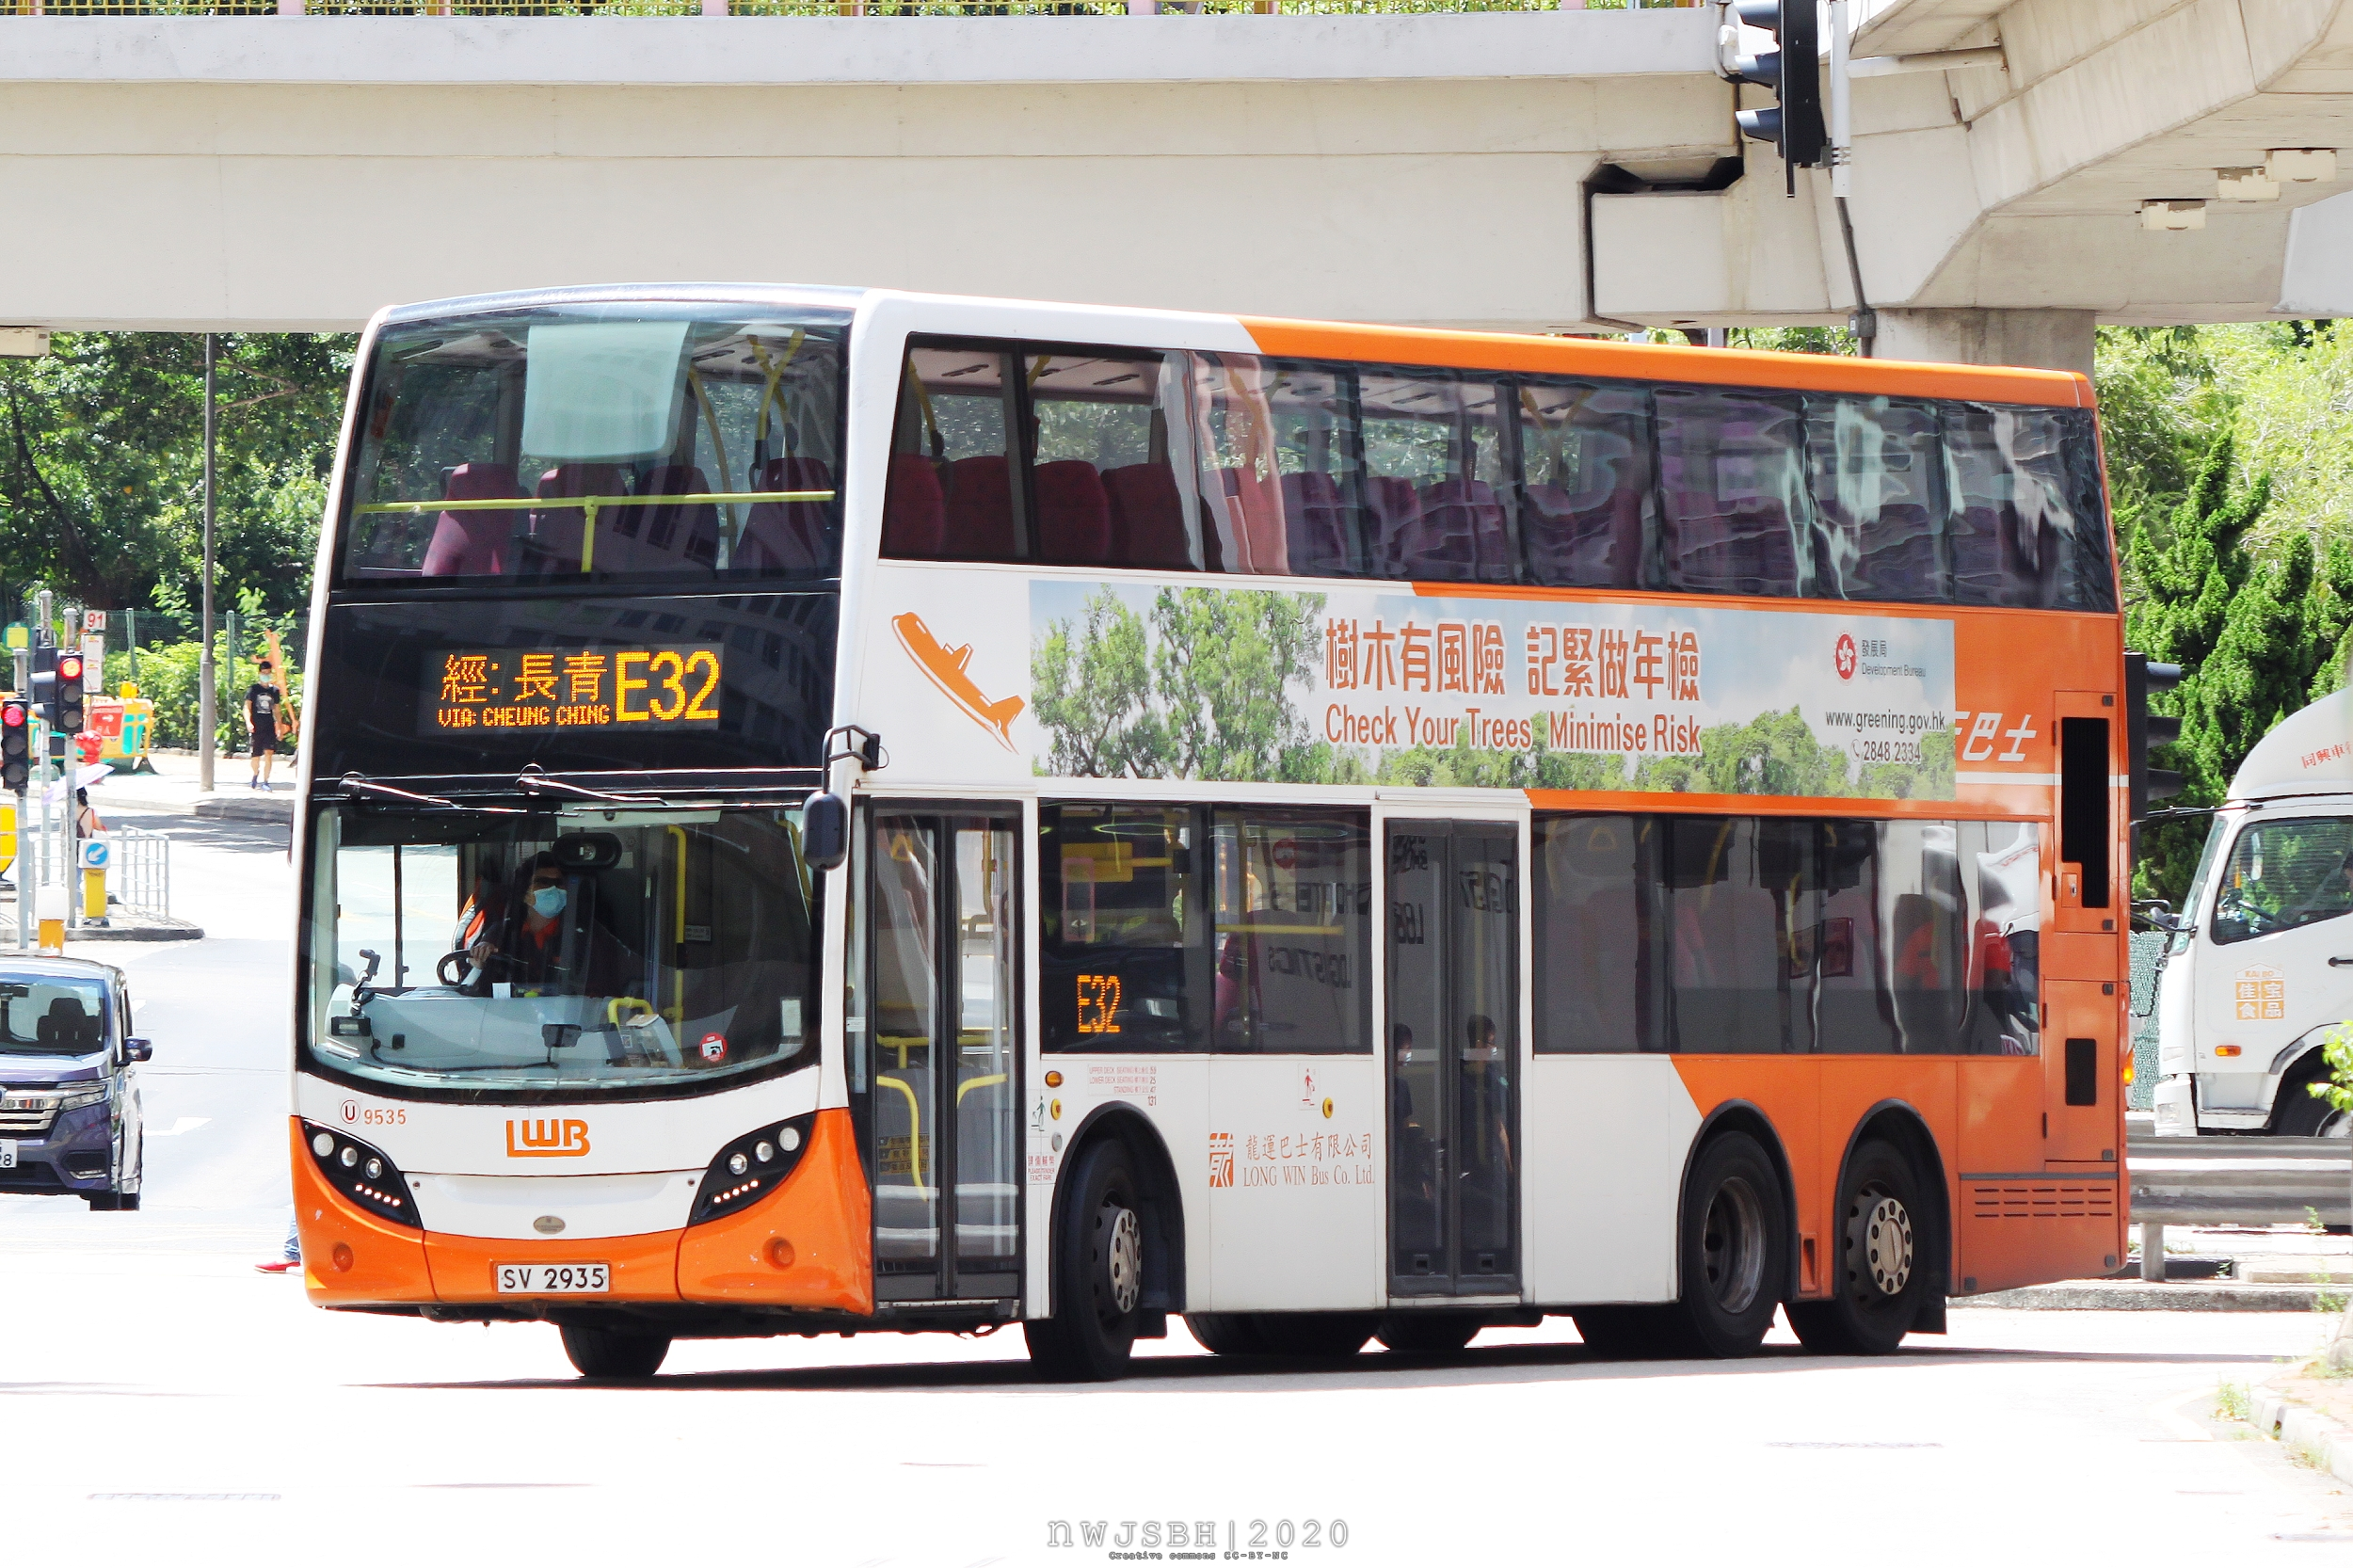 龍運巴士E32線